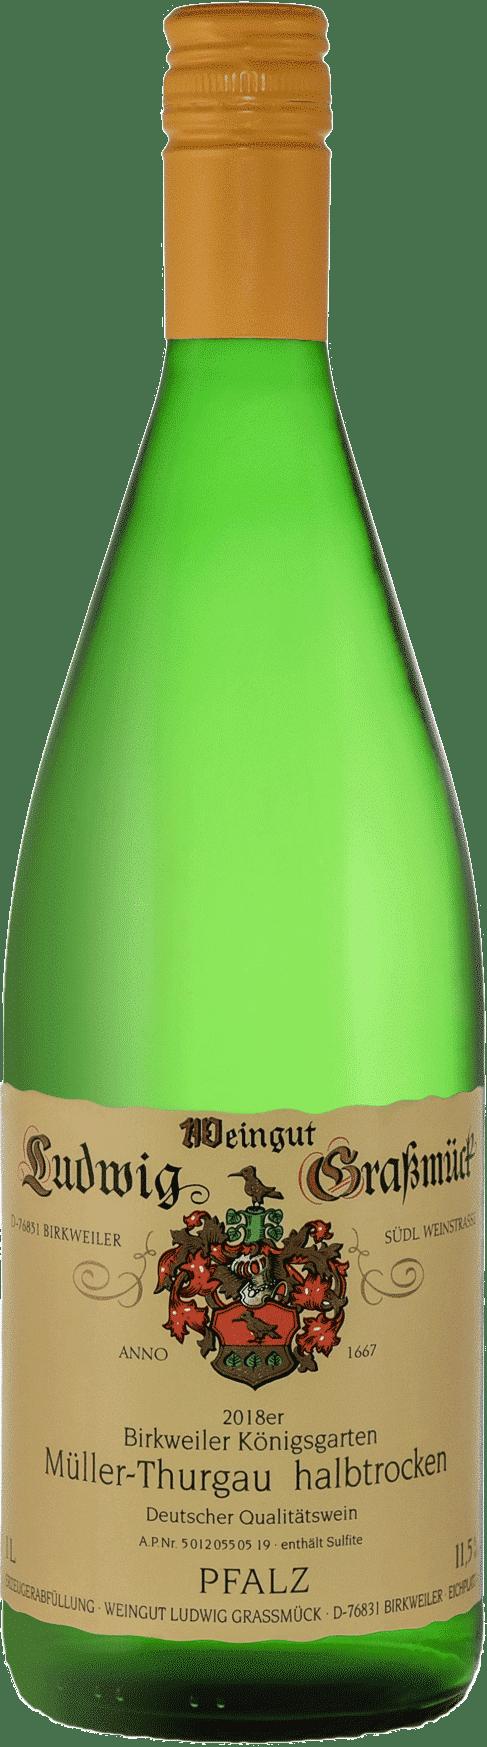 Weingut Ludwig Graßmück, Simon Graßmück, Mueller Thurgau, halbtrocken